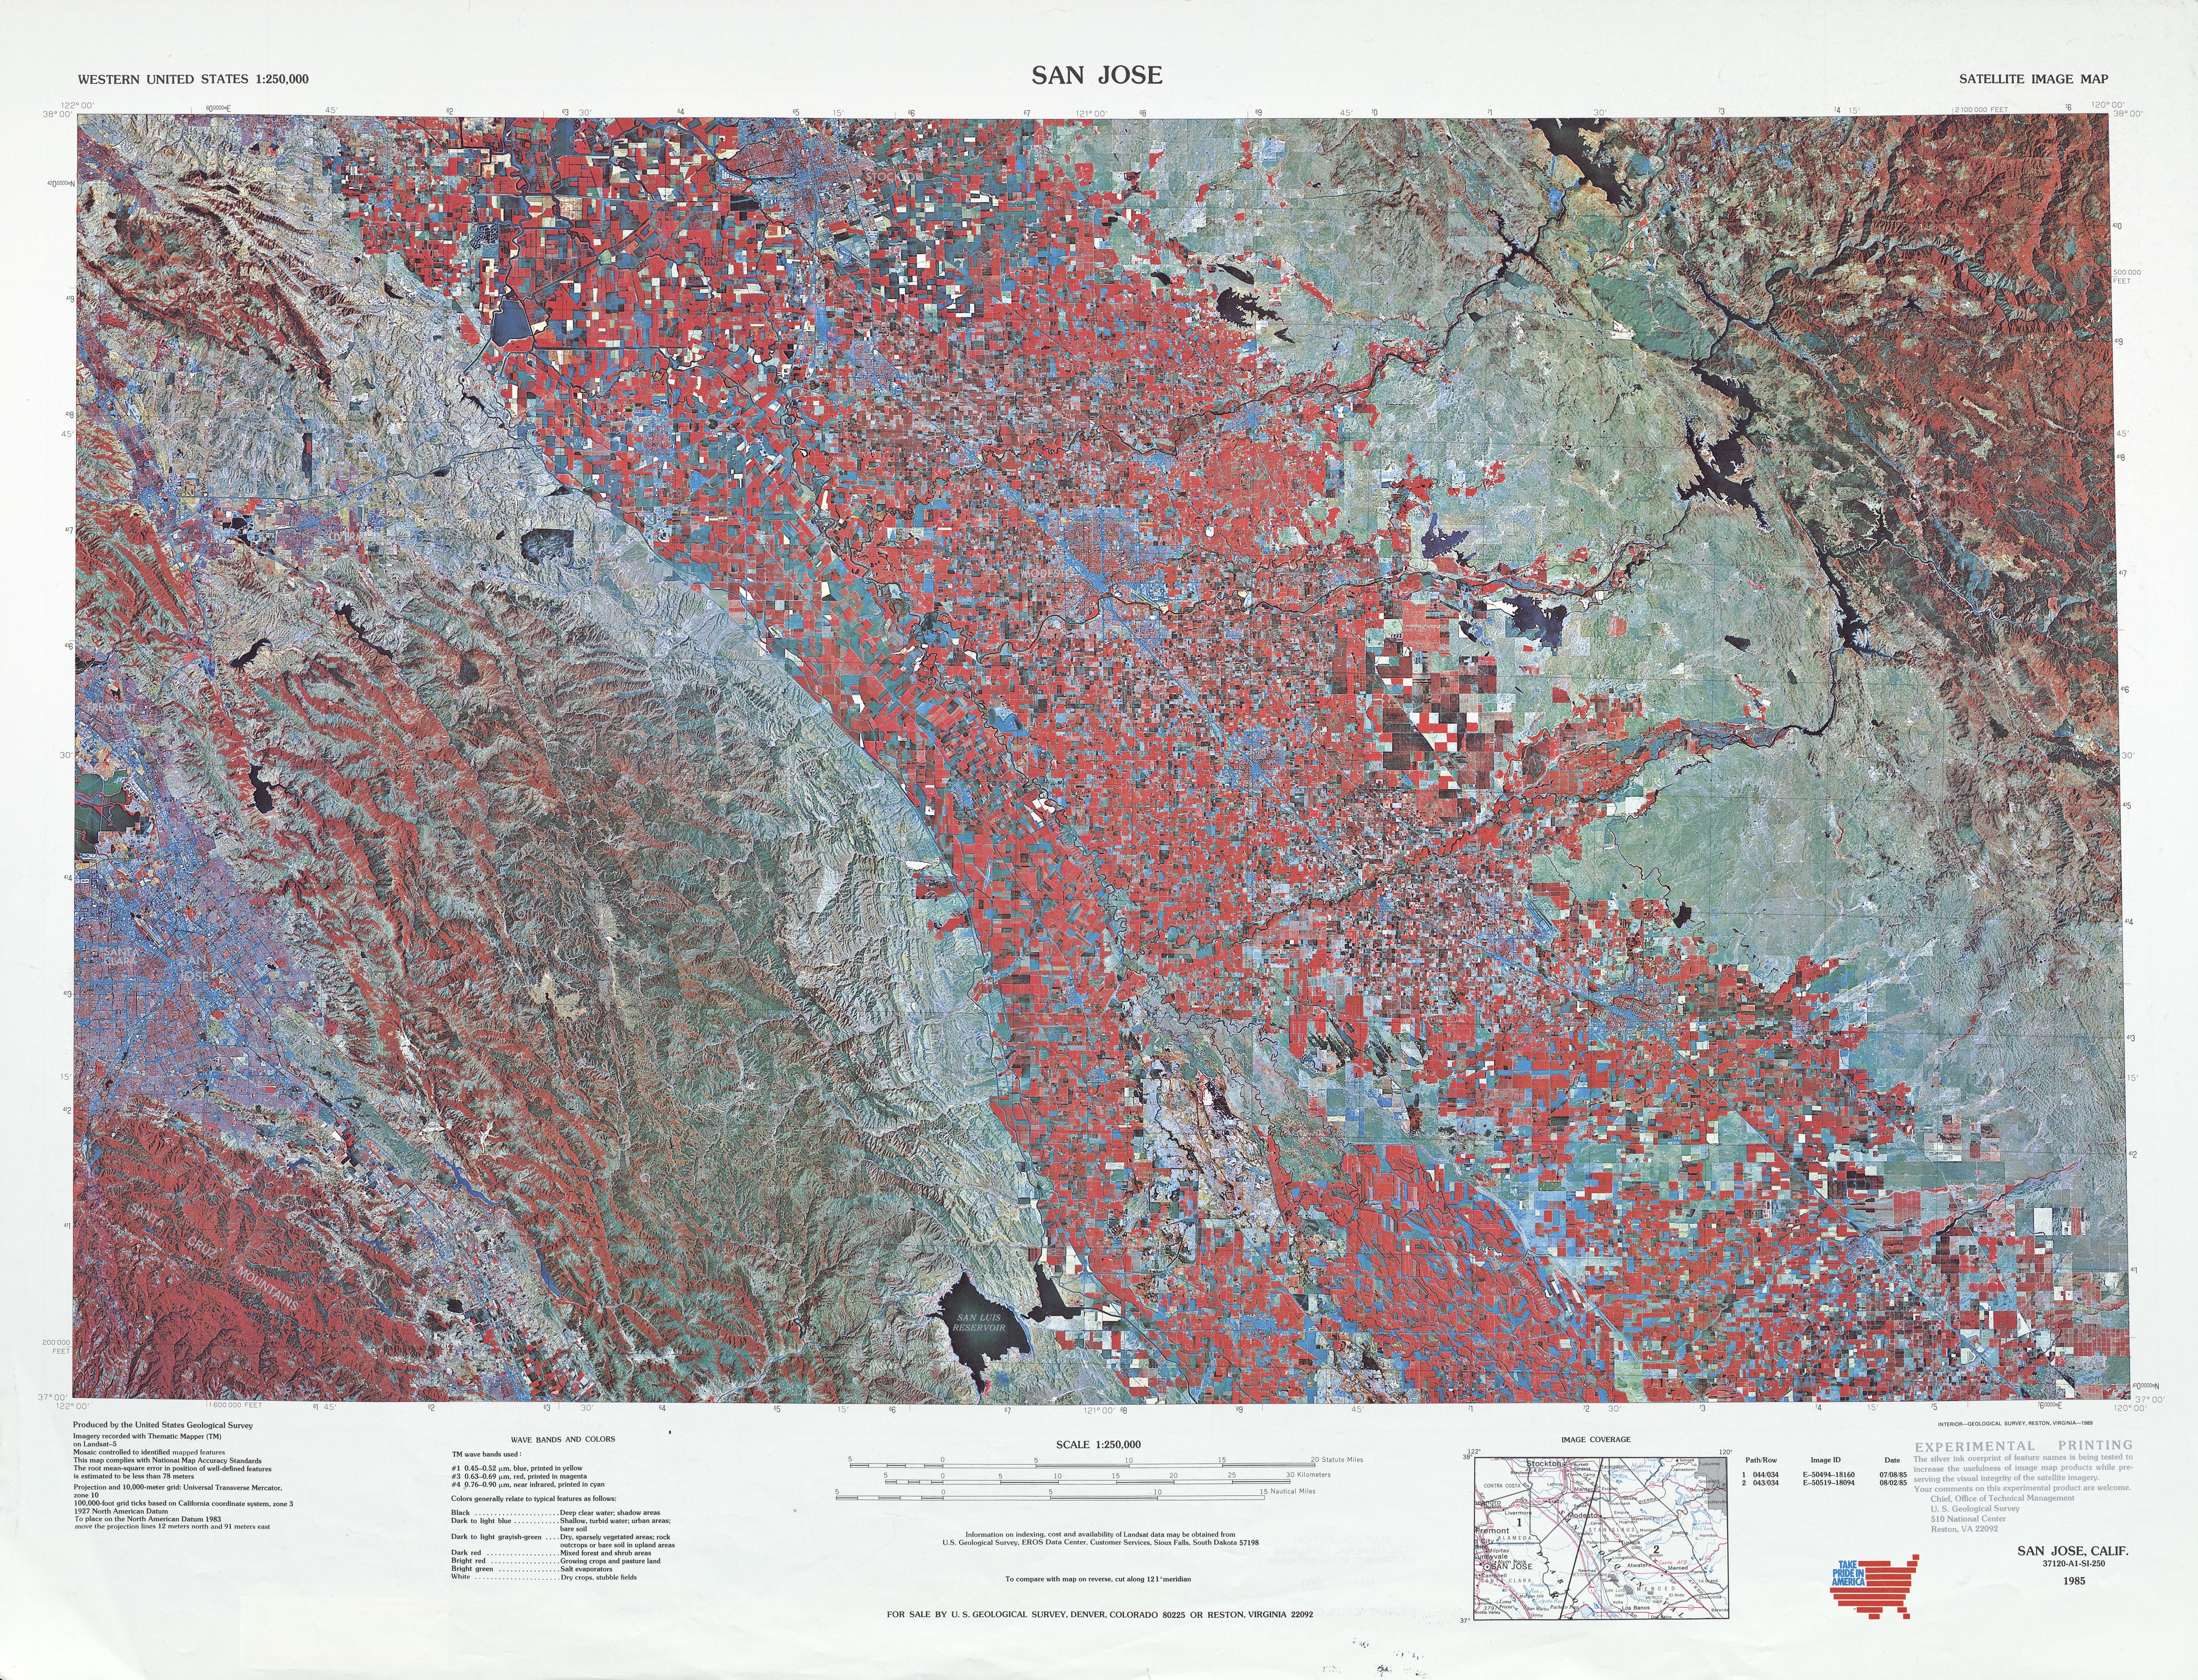 Hoja San José de la Imagen Satelital de los Estados Unidos 1985